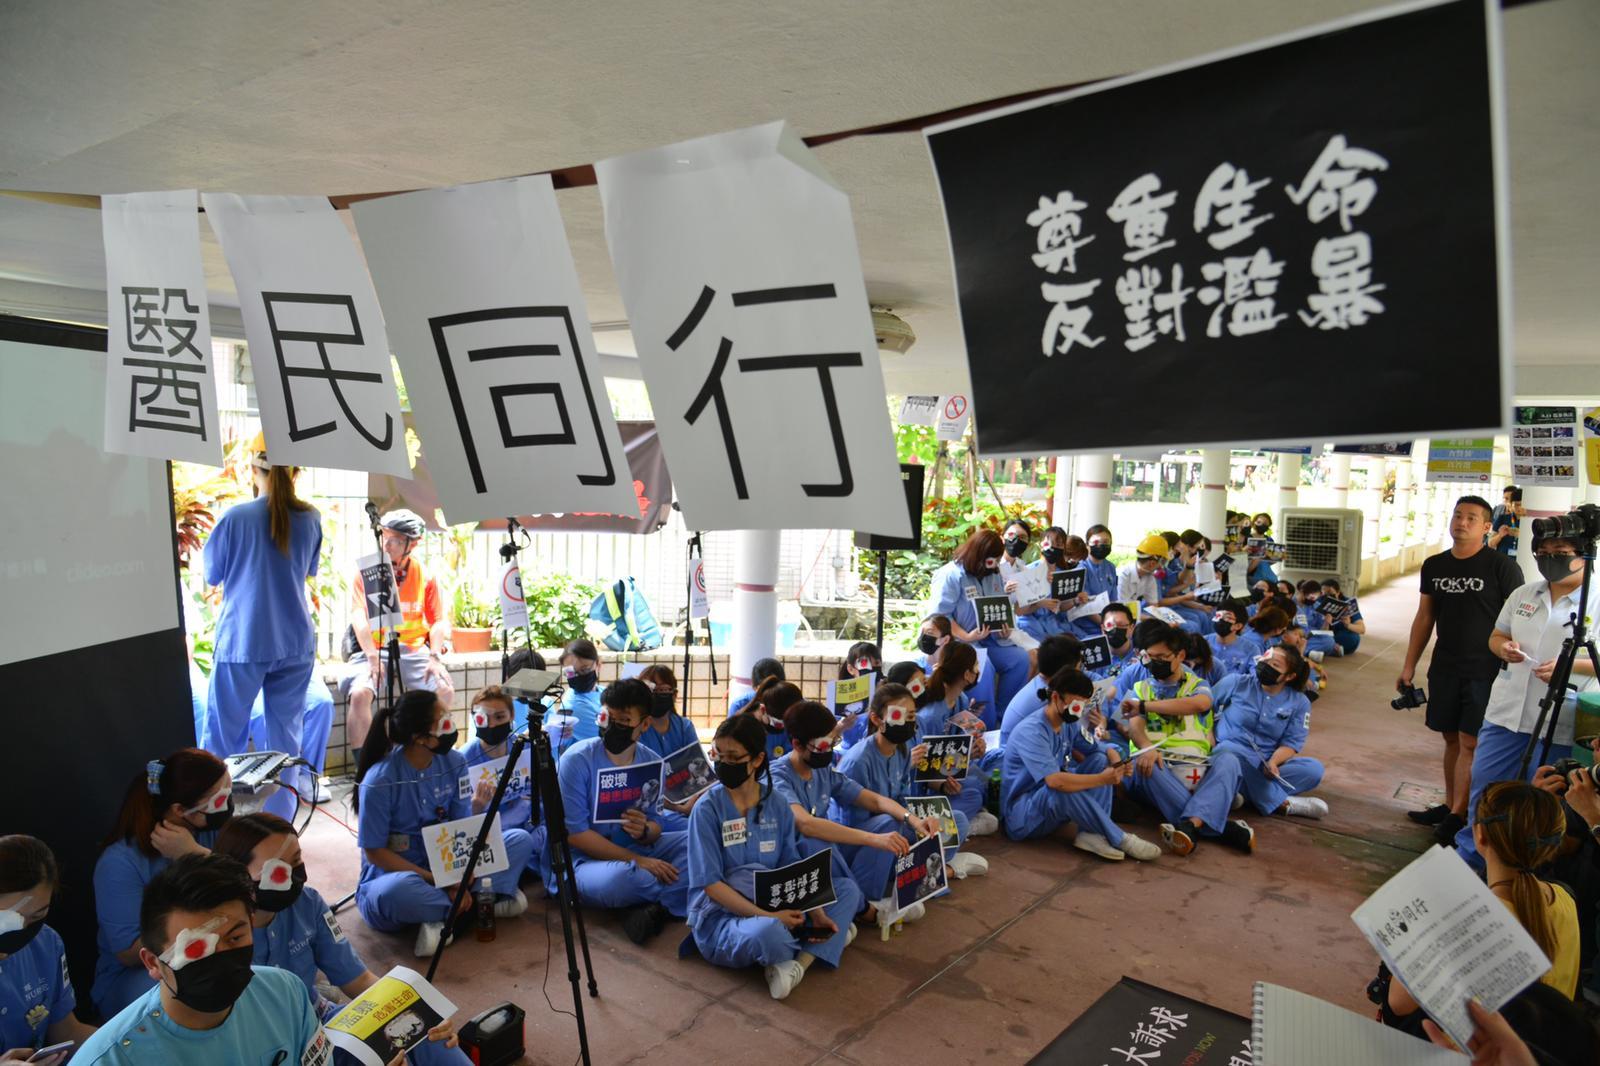 律敦治醫院醫護發起靜坐集會。